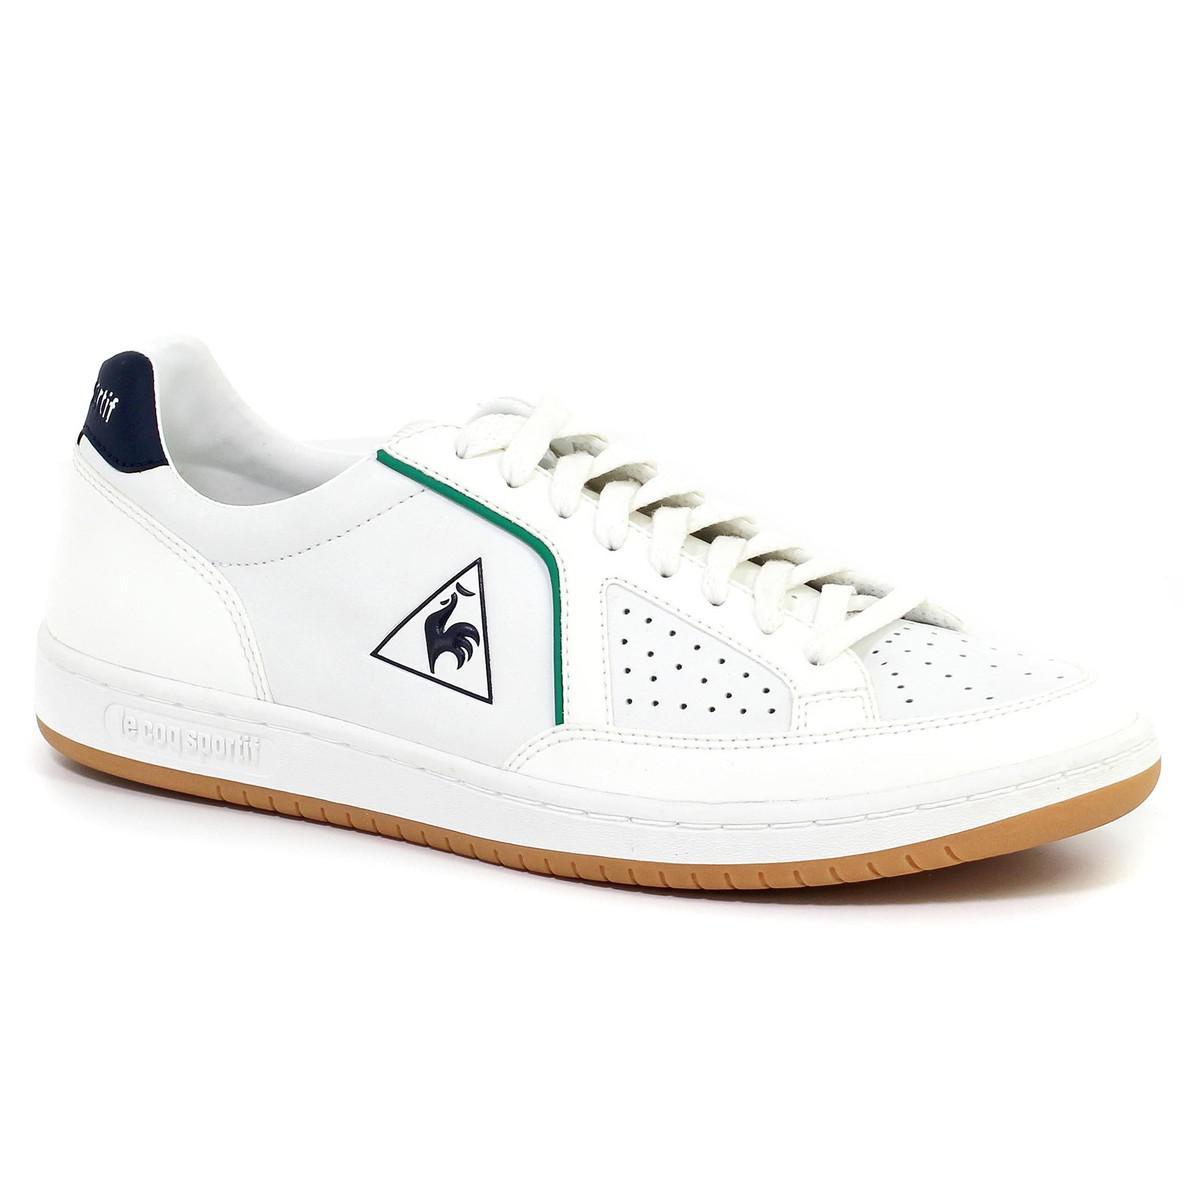 Icônes De La Ica - Chaussures - Bas-tops Et Chaussures De Sport Le Coq Sportif ffUkdhQ5w